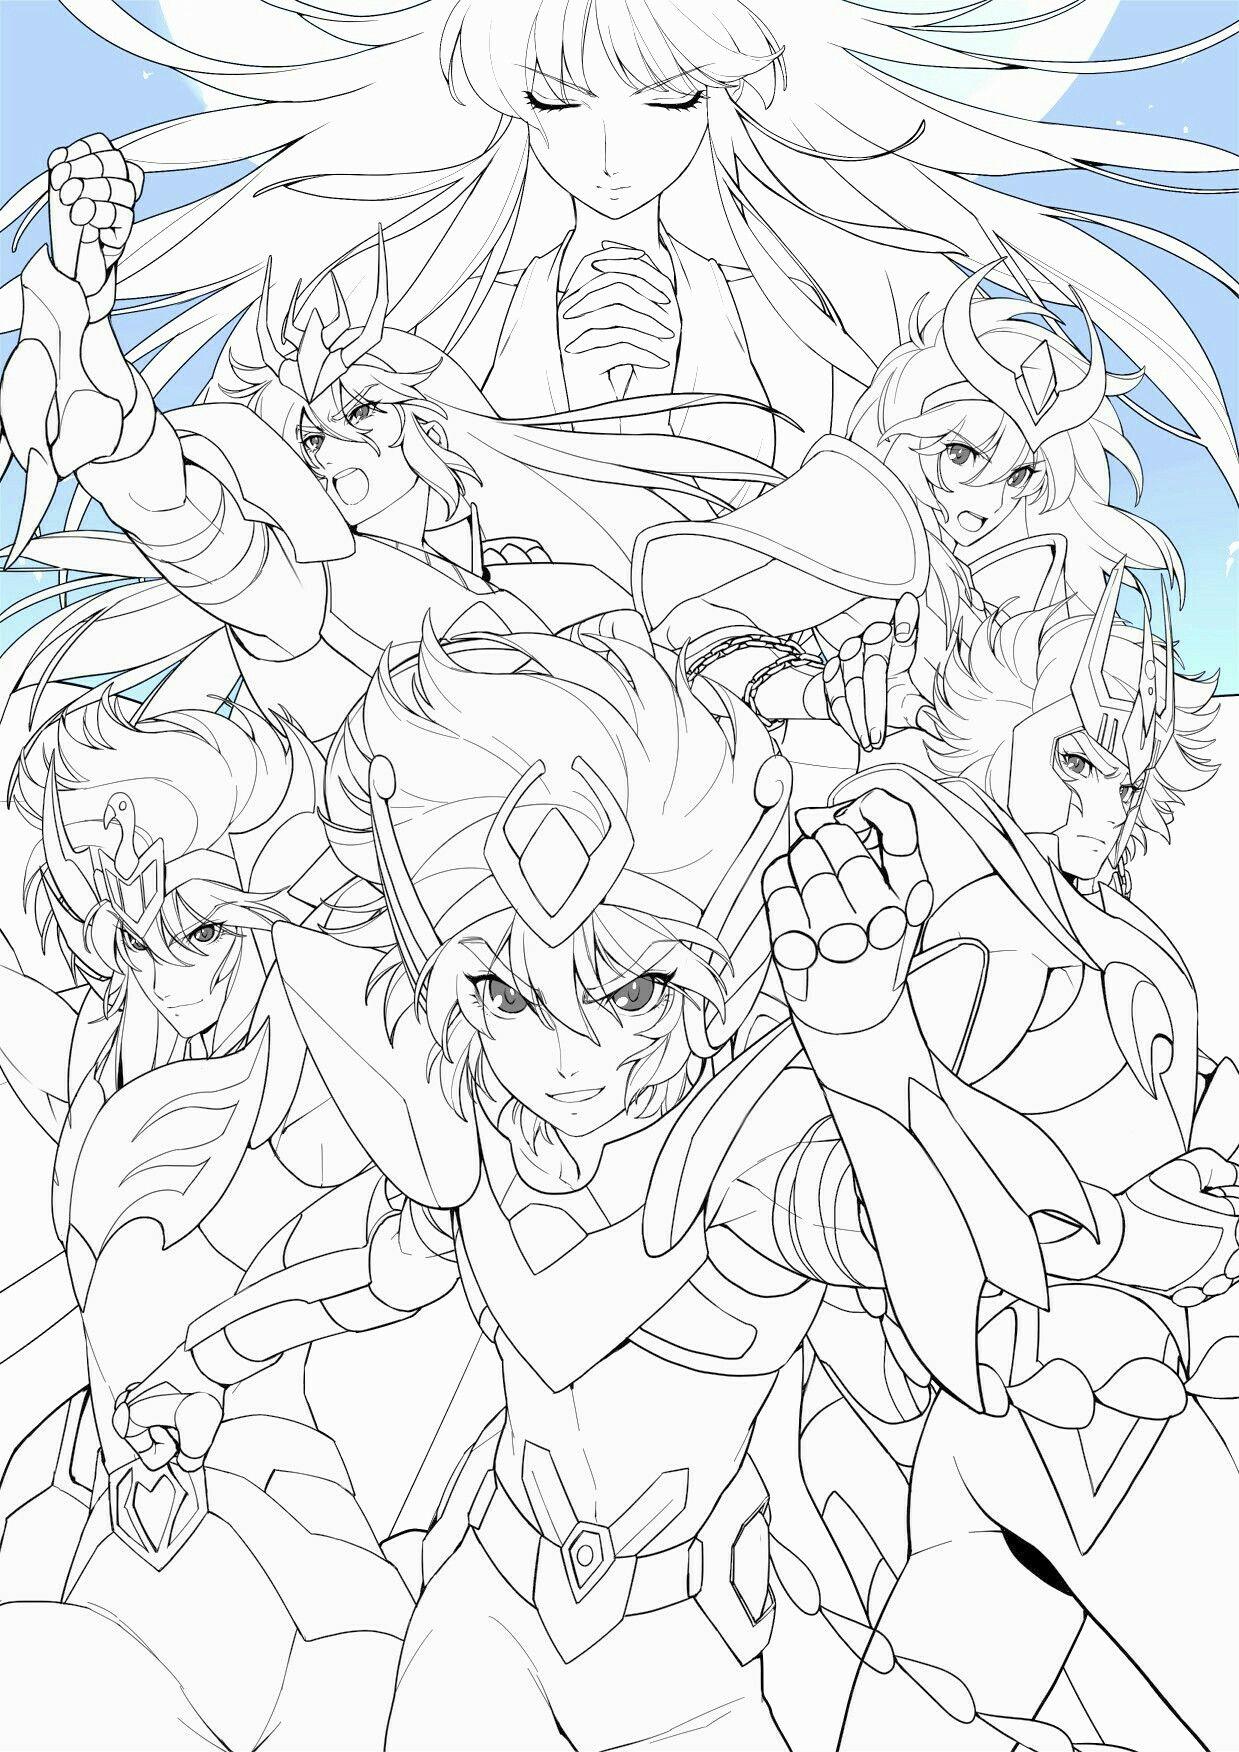 Cavaleiros Do Zodiaco Para Colorir Cavaleiros Do Zodiaco